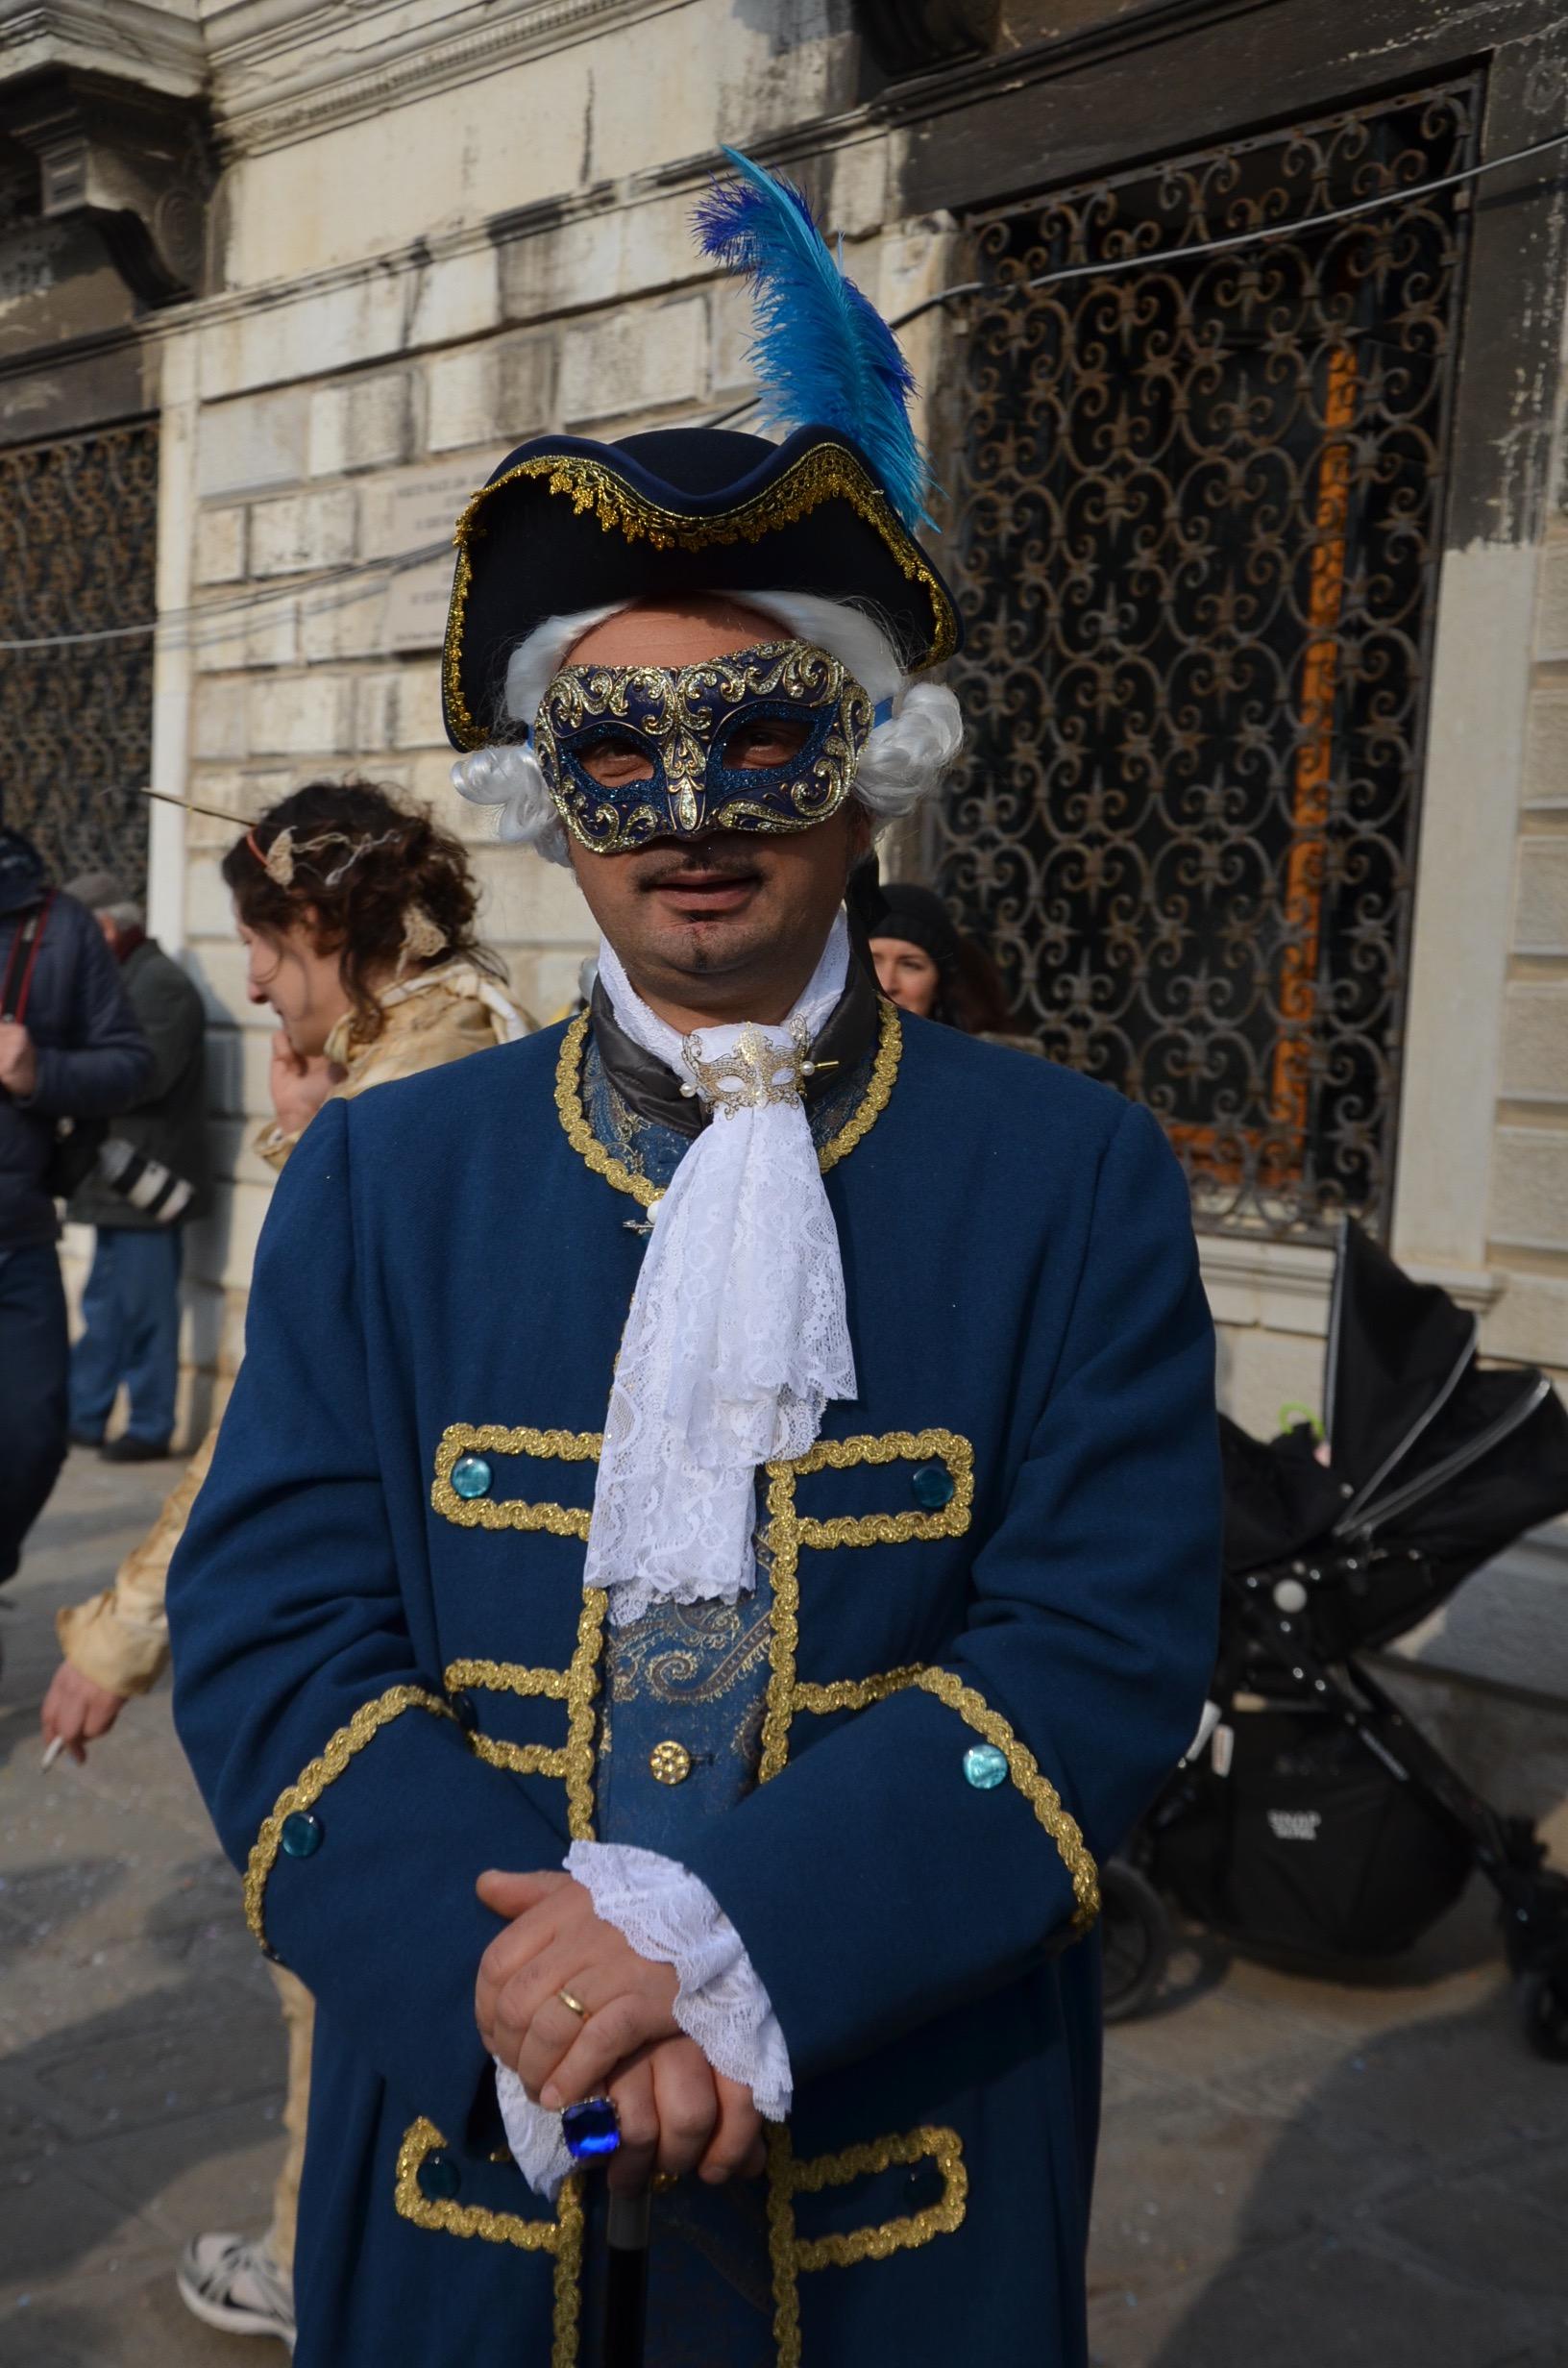 Man in blue Carnival Costume in Venice